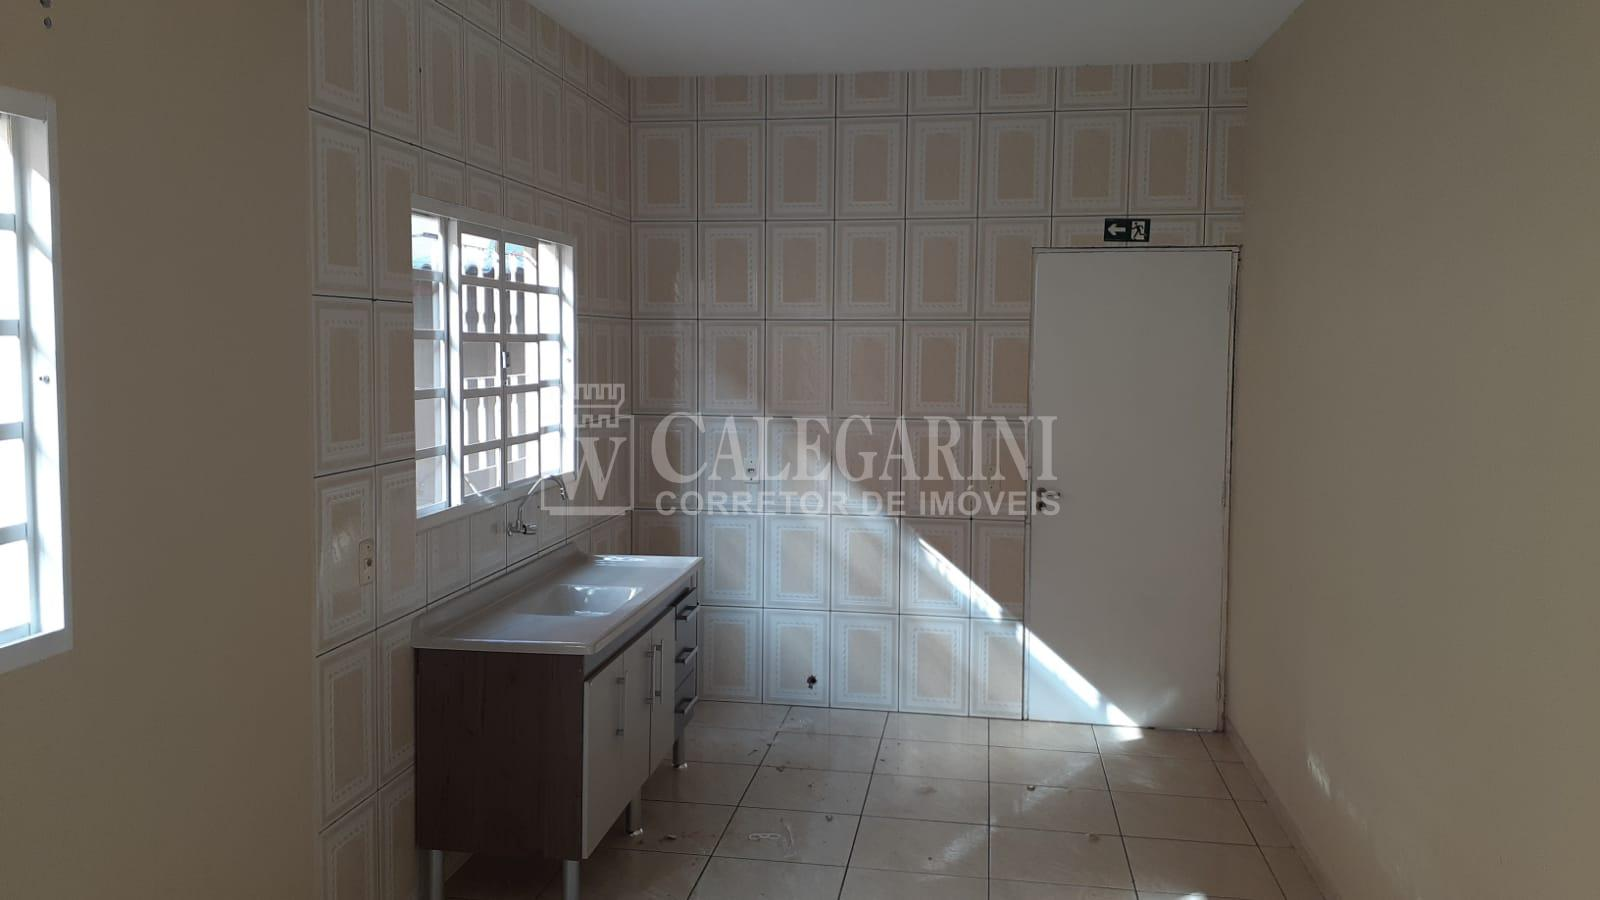 Casa com 3 dormitórios para locação, Jardim Perola, ITUPEVA - SP